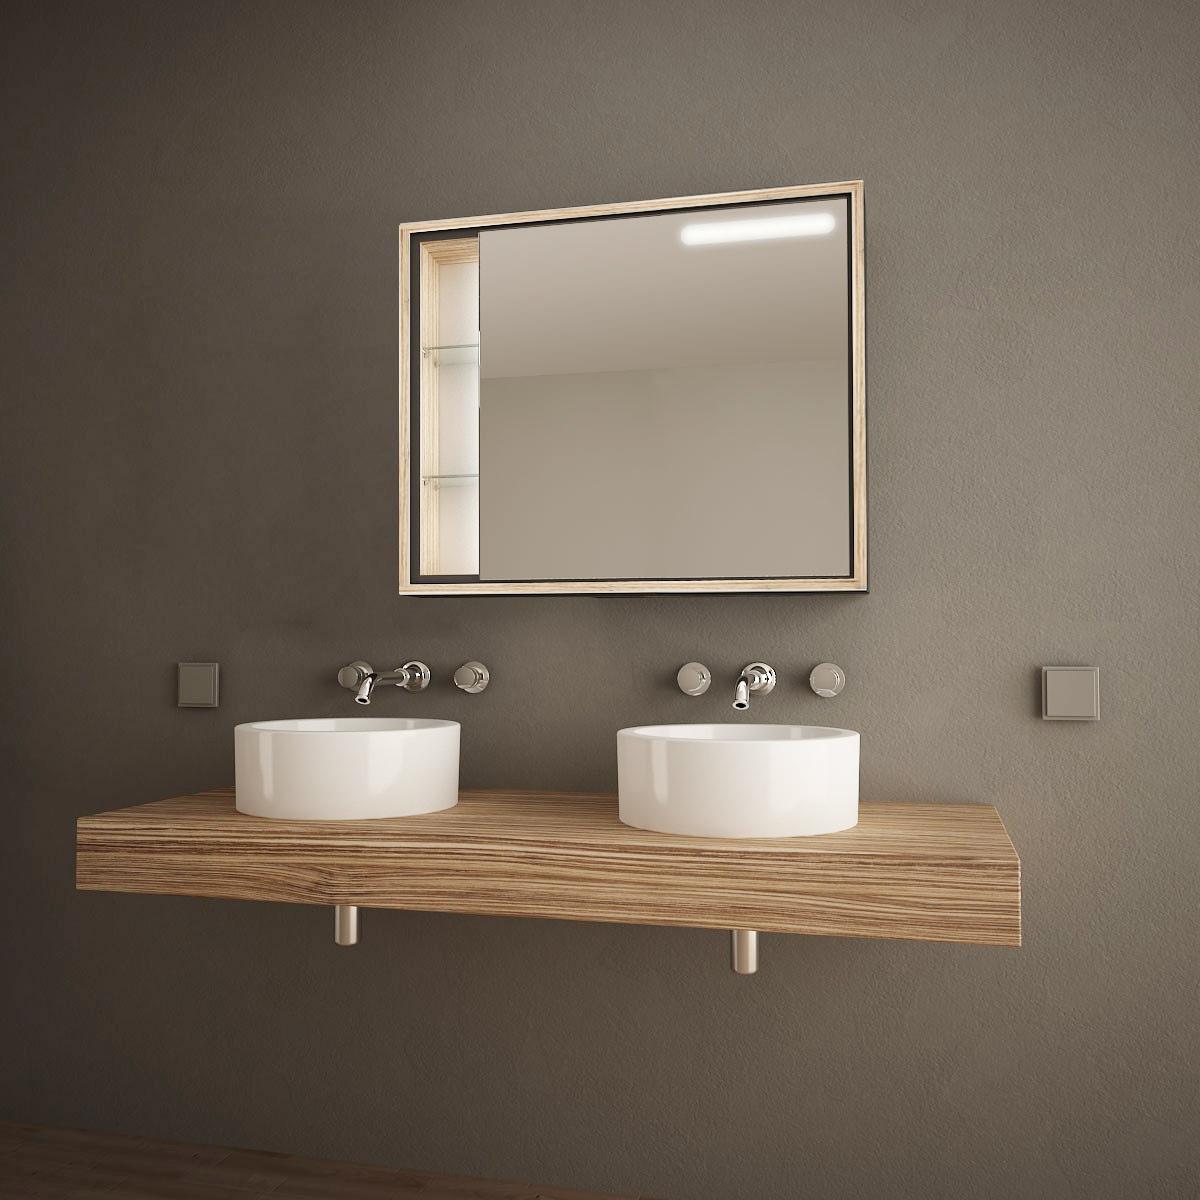 Badezimmer-Spiegelschrank Cariso 989705246